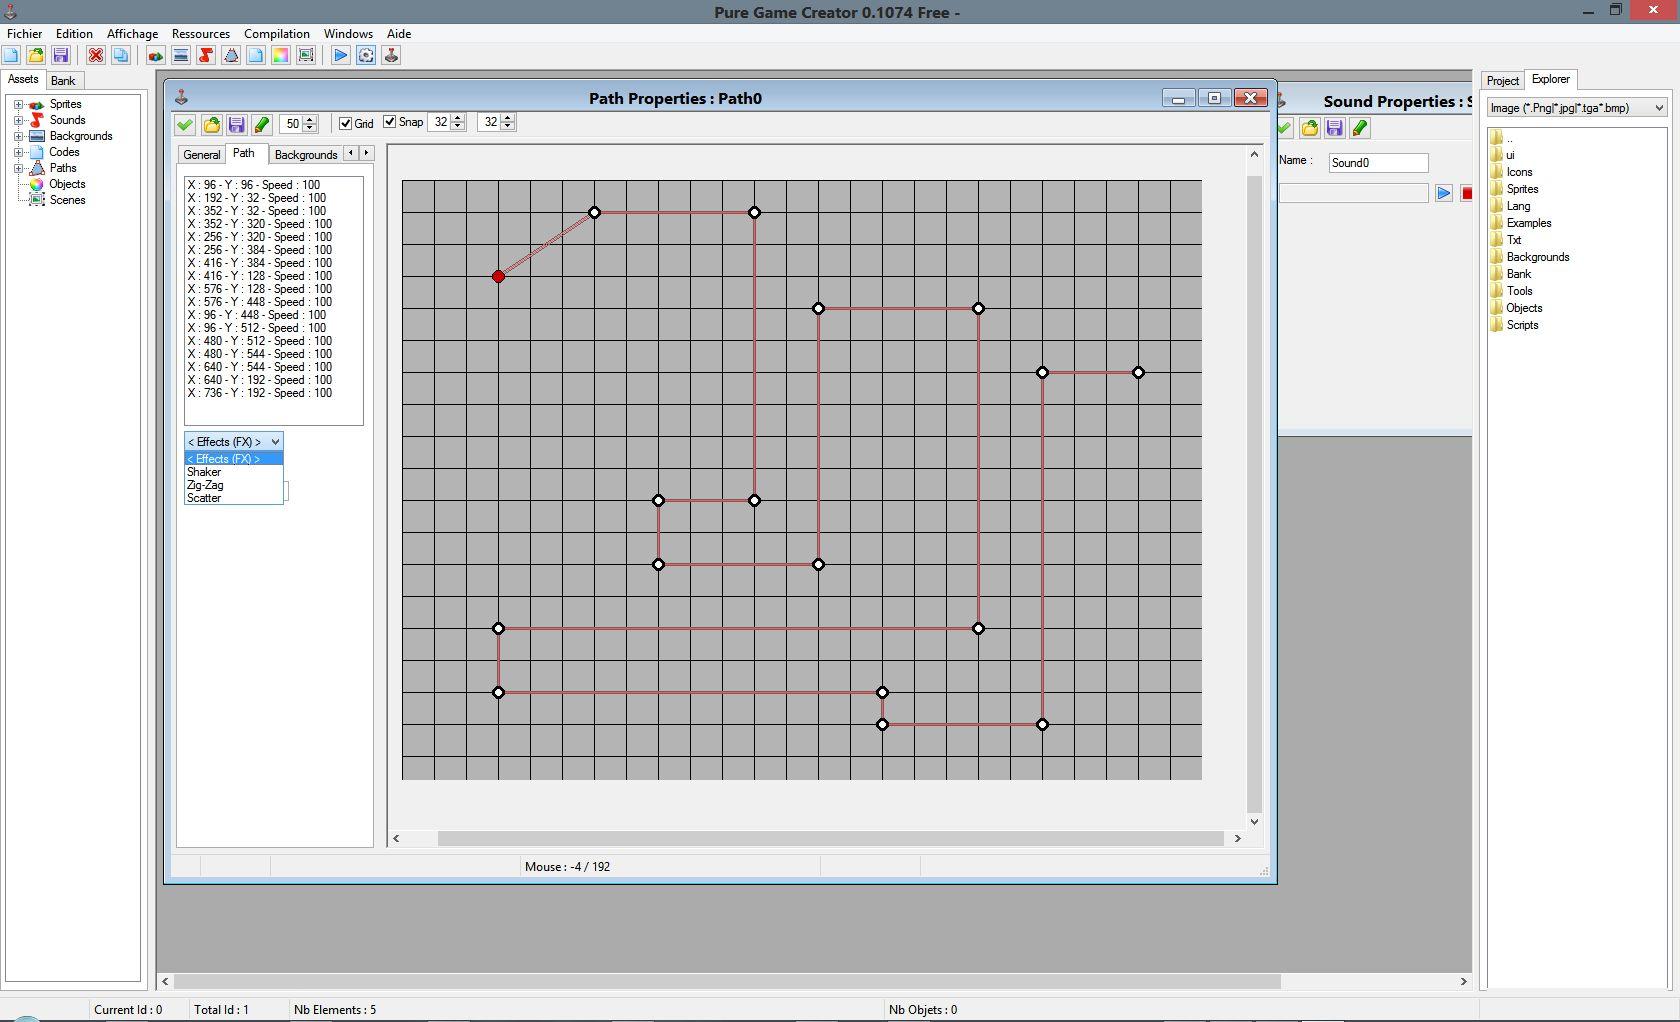 Logiciel : Editeur de jeu Screenshot0.1_path